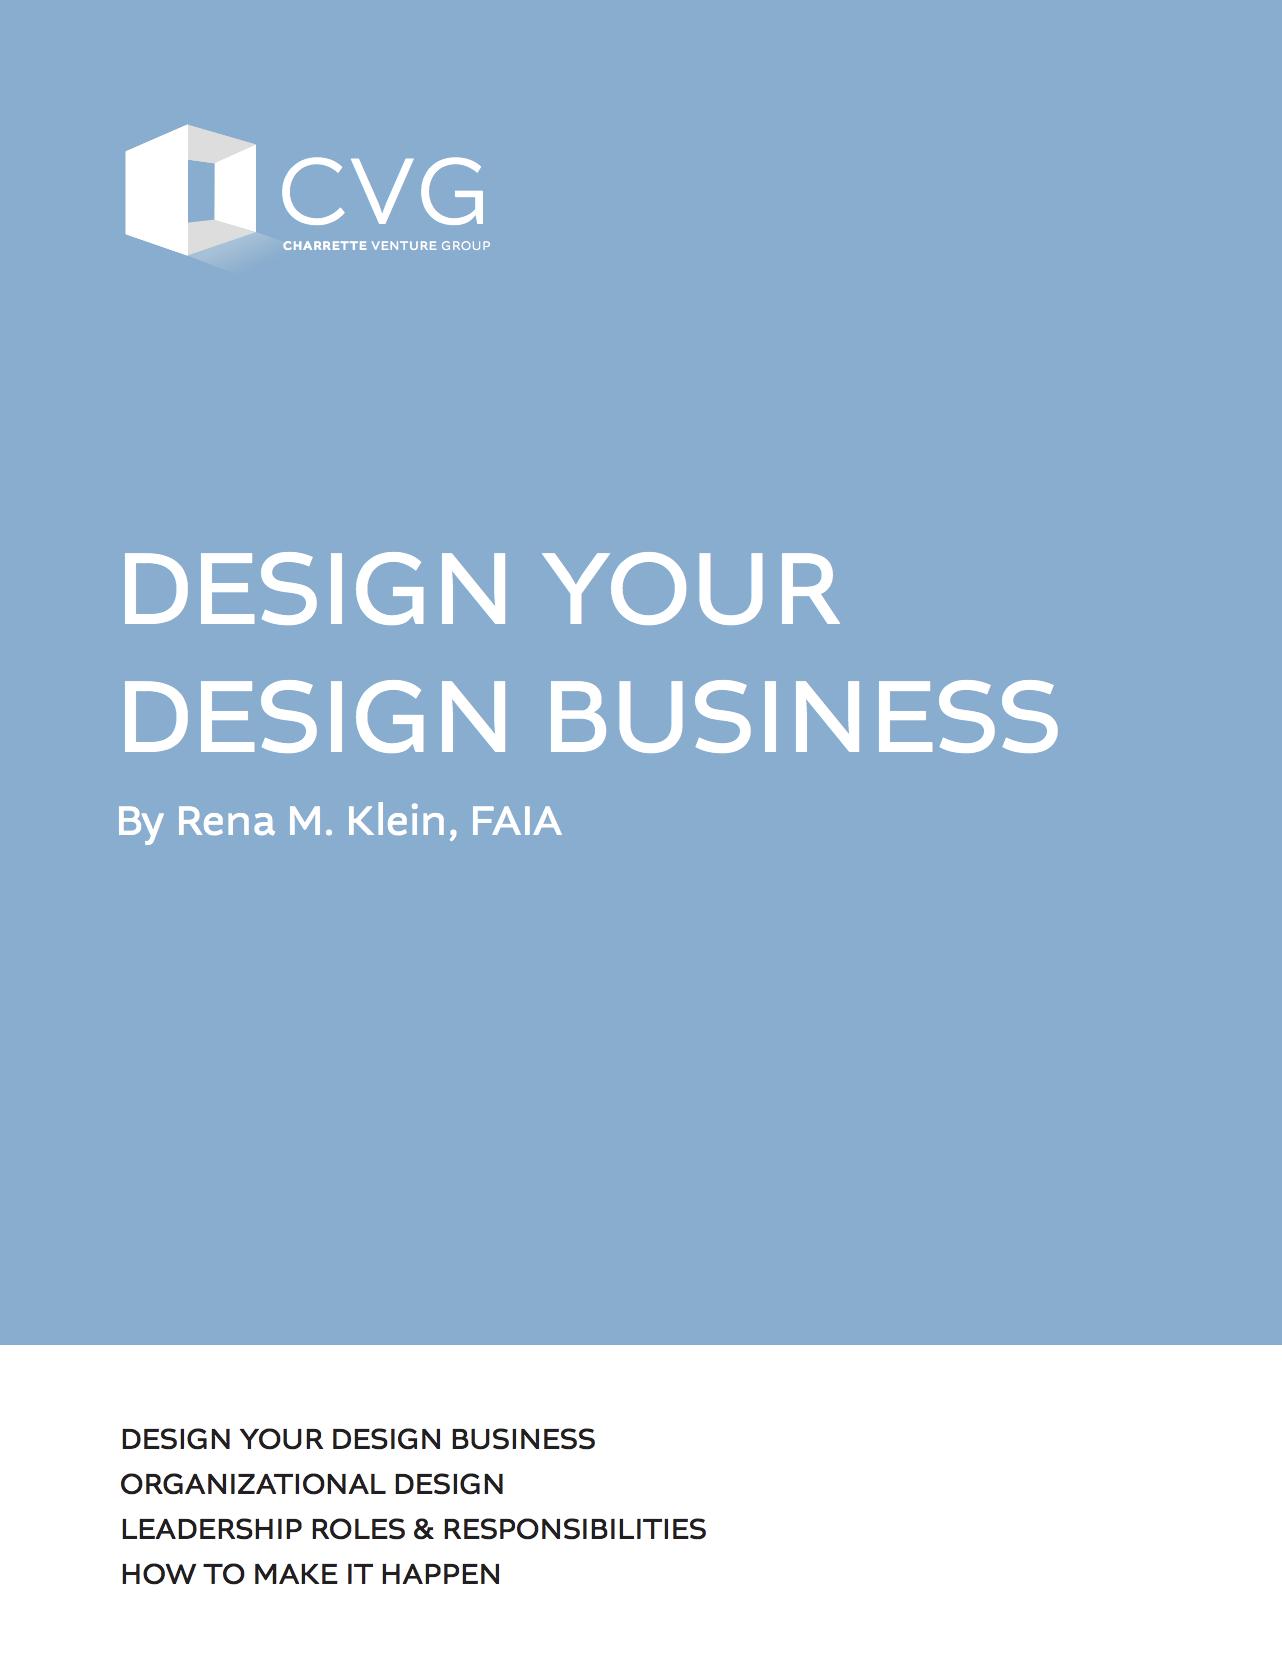 cvg-design-your-design-business.png